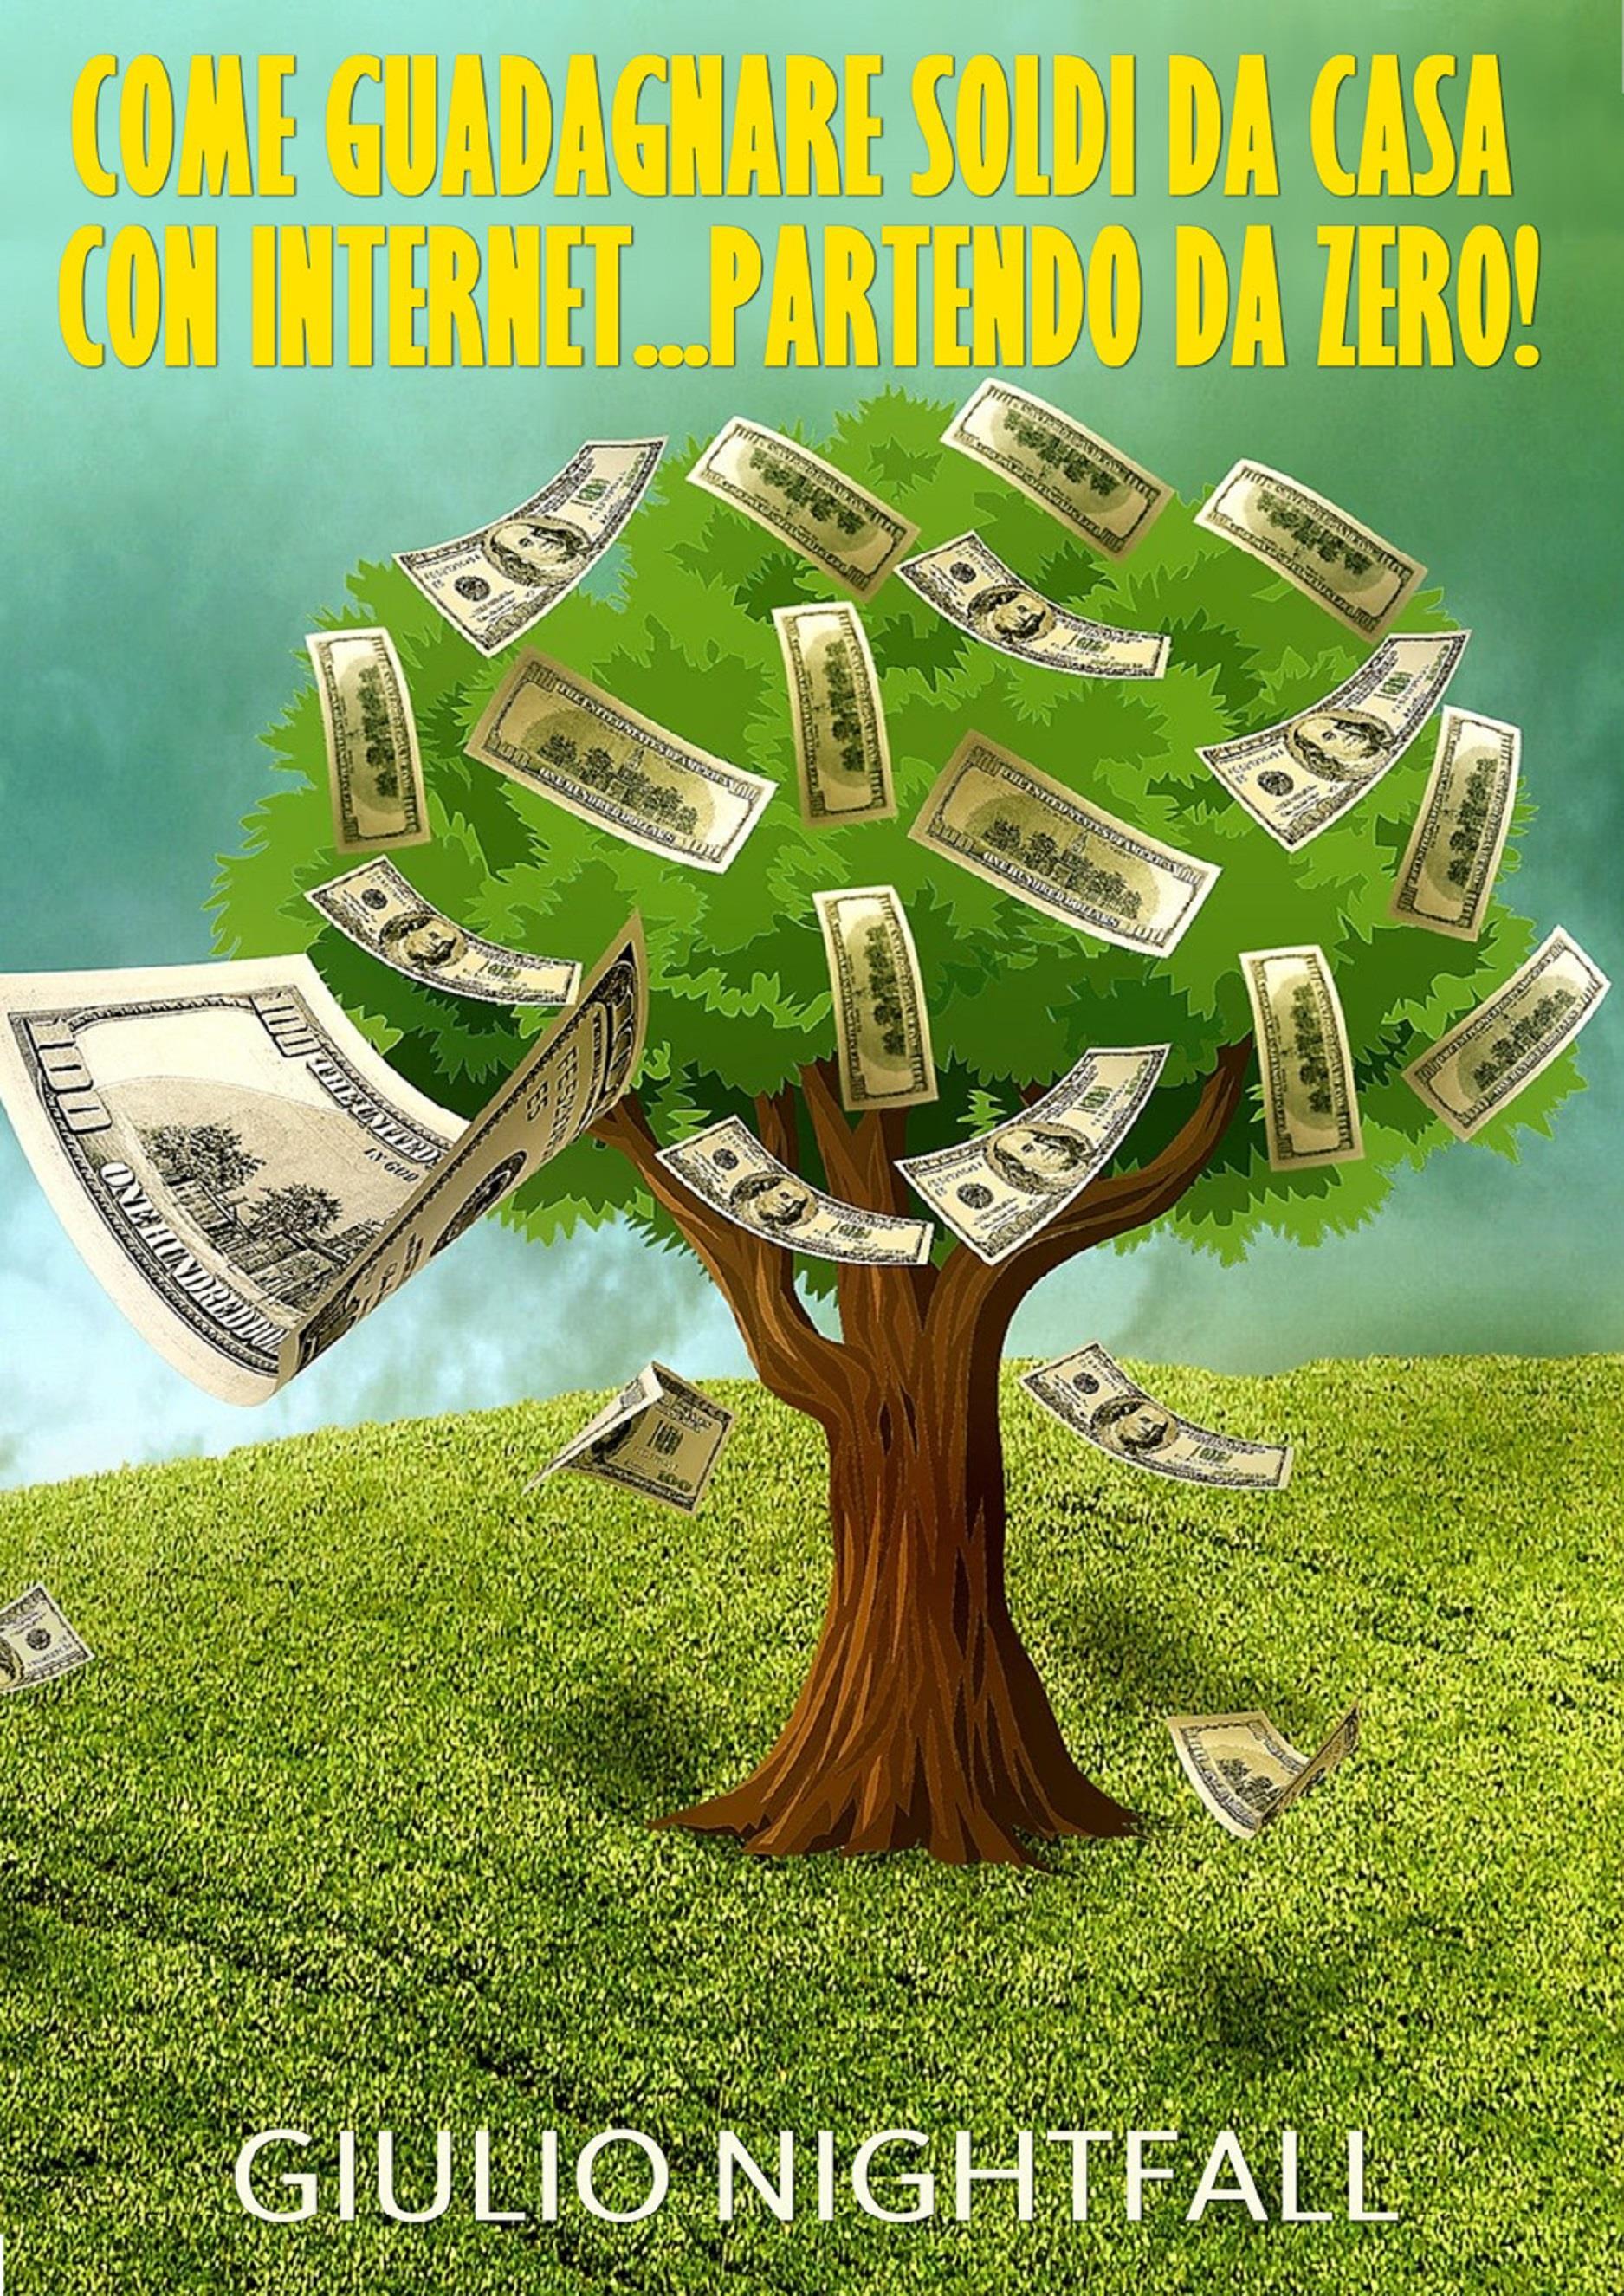 Come guadagnare soldi online...partendo da Zero!